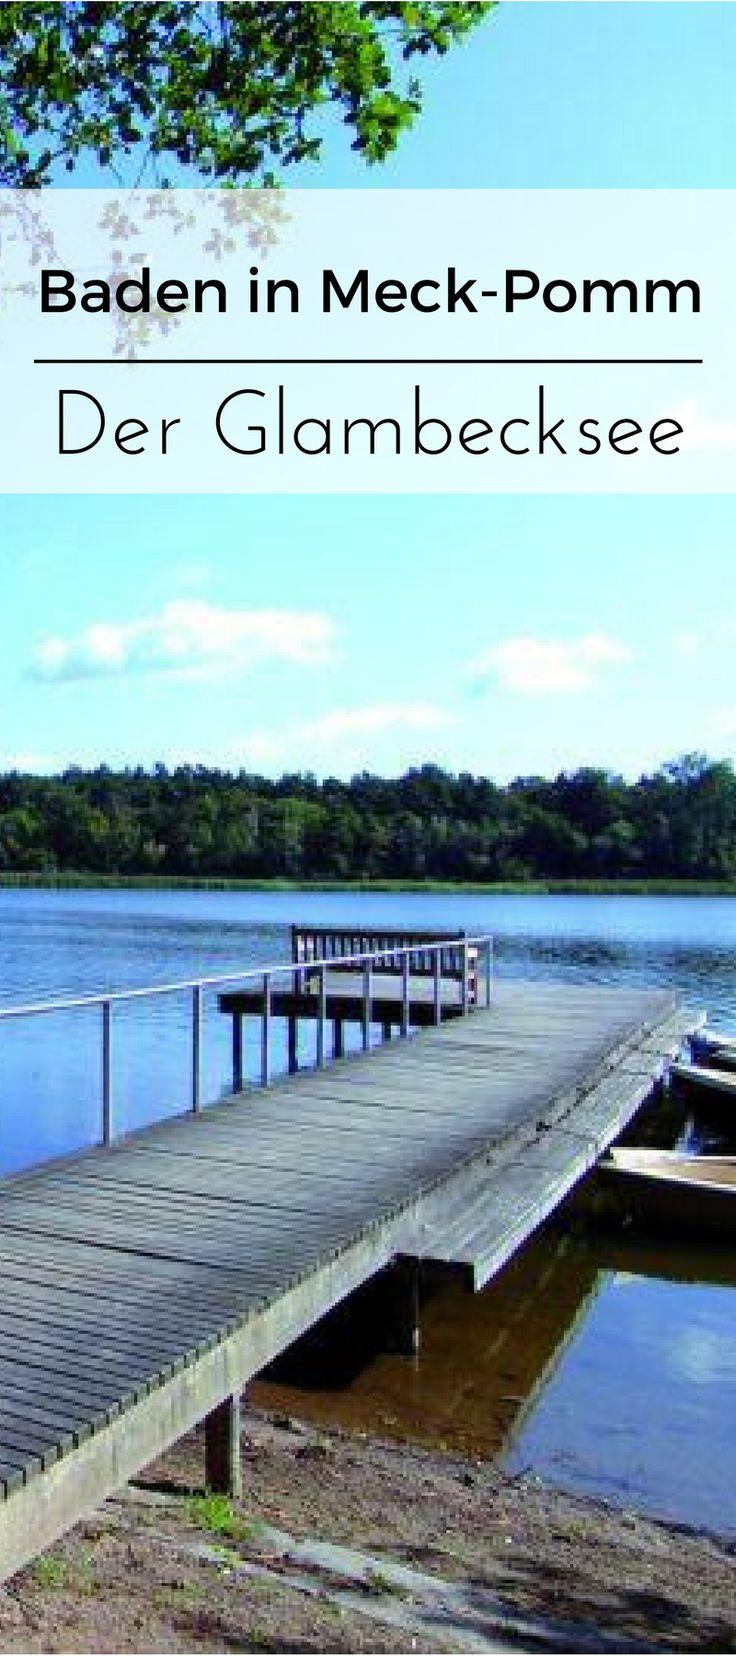 Der Glambecksee in Meck-Pomm als Ausflugsziel. Er ist ein perfekter Badesee in Deutschland für die ganze Familie.